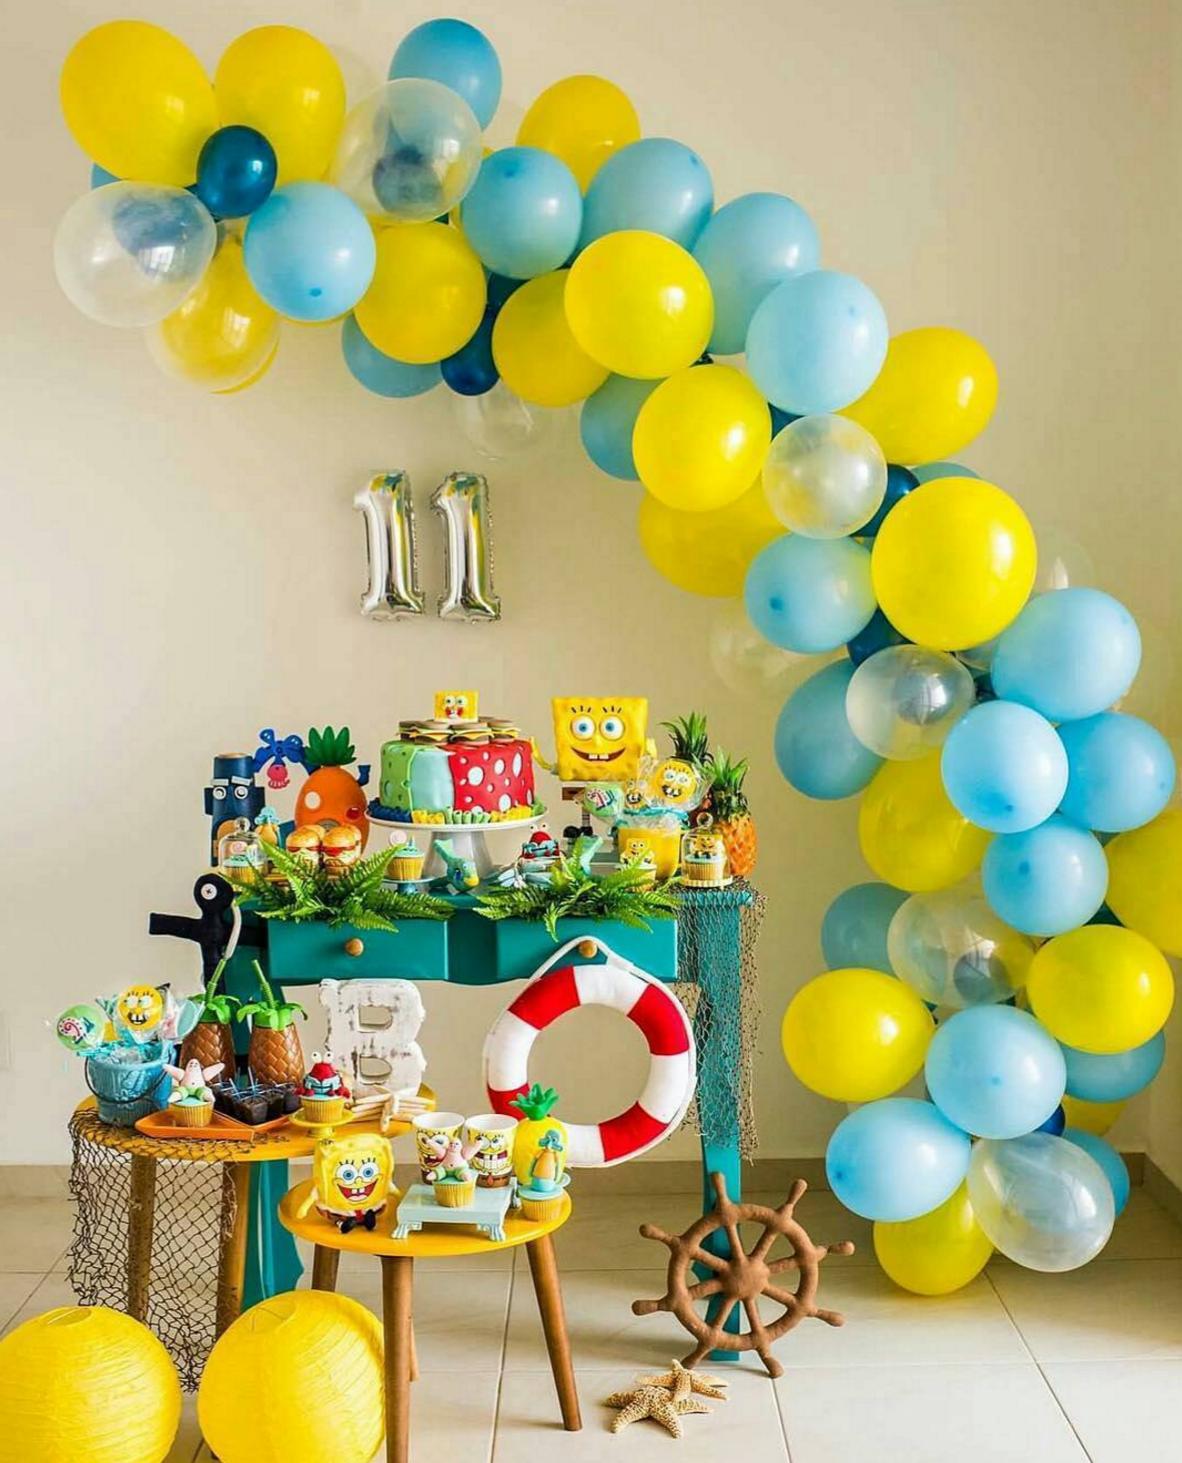 Decoraci n para fiesta de cumplea os de bob esponja - Decoracion de cumpleanos infantiles ...